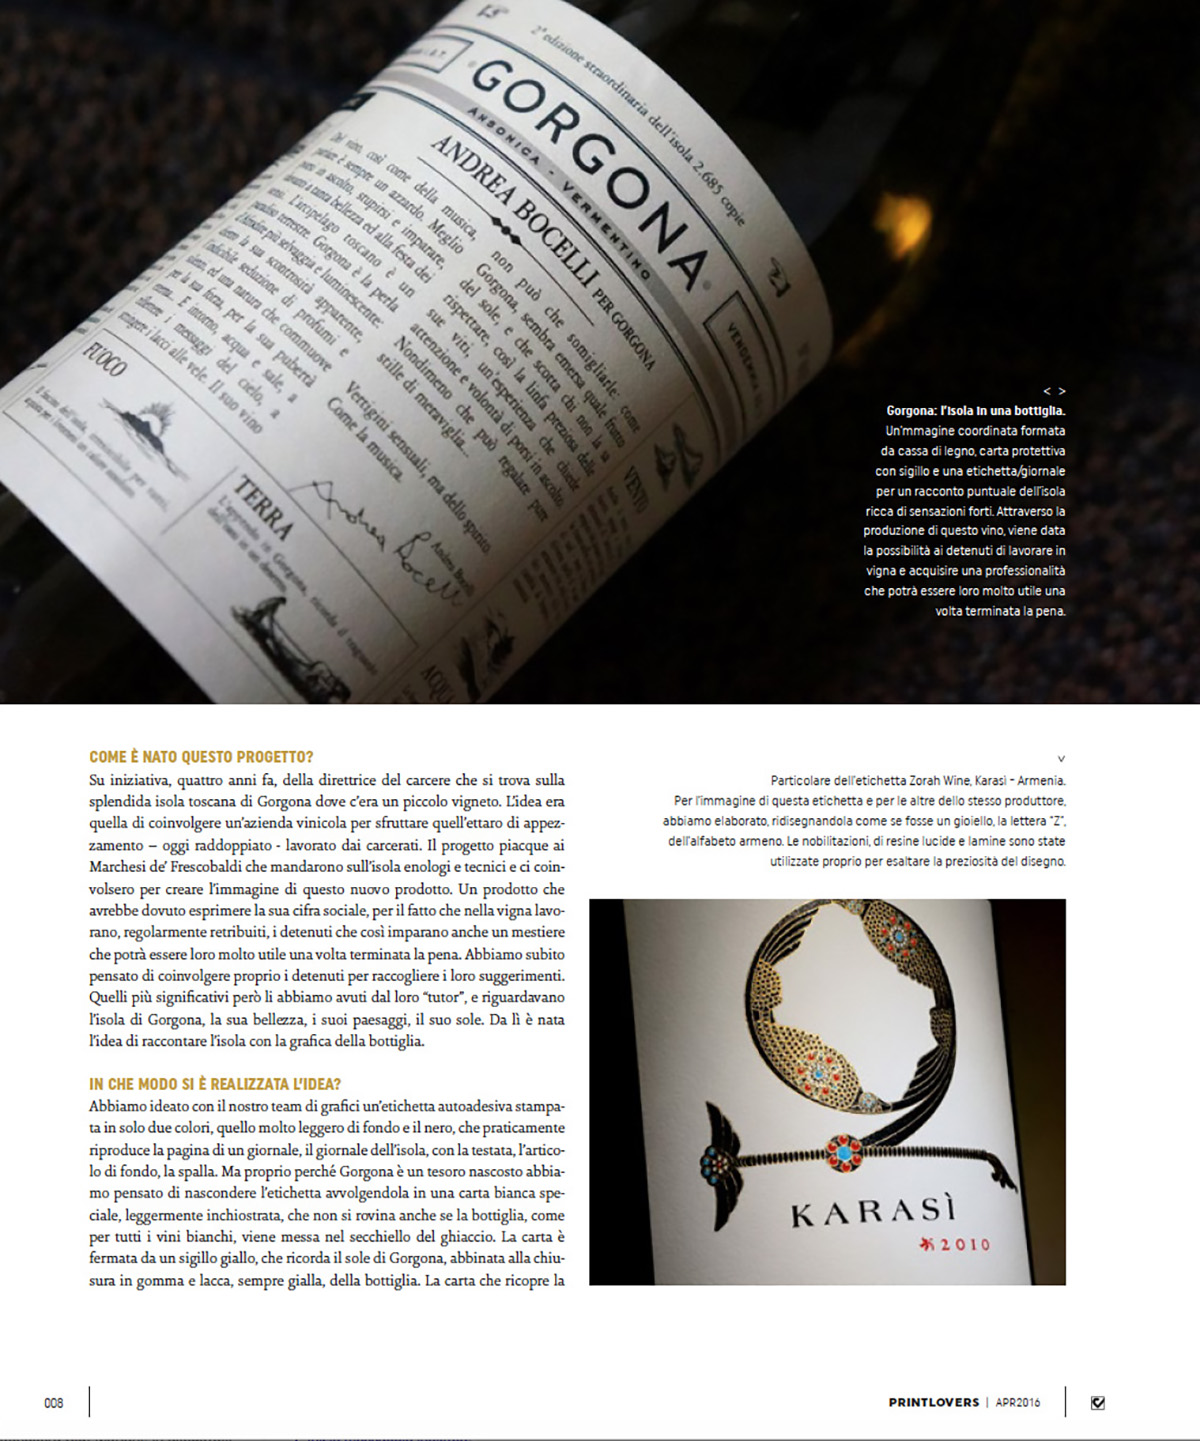 articolo-print-lovers-donieassociati-3